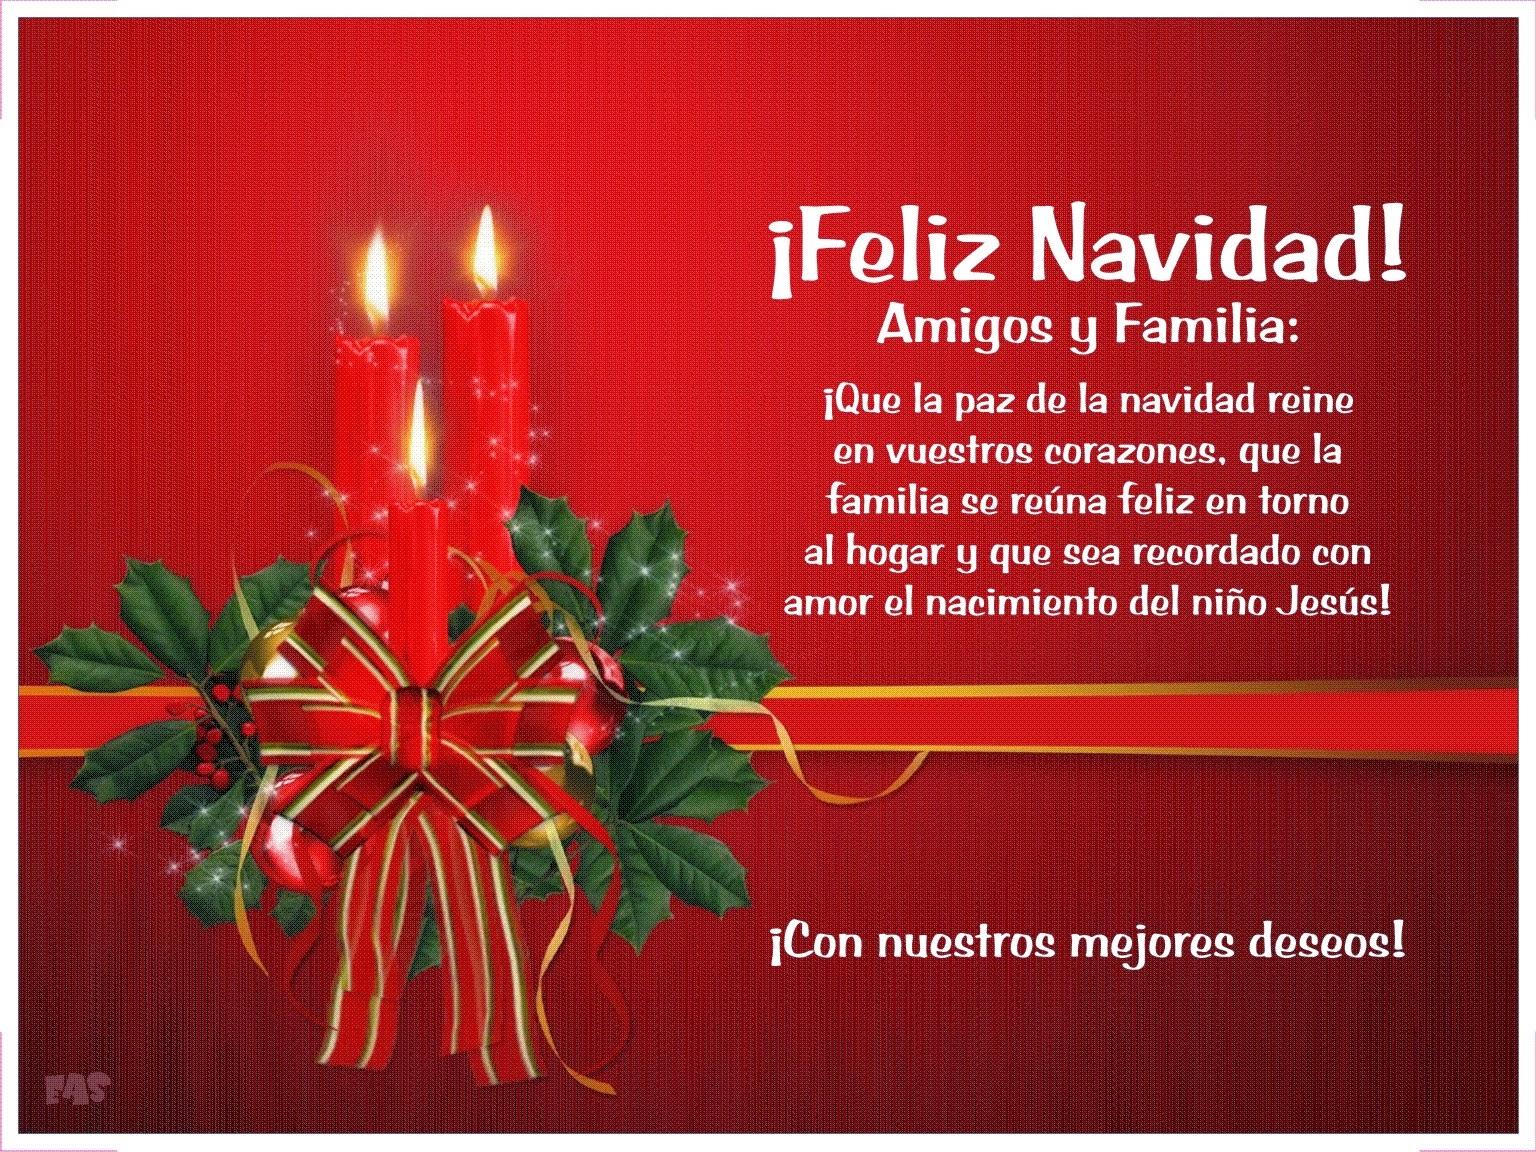 Postales y tarjetas de feliz navidad con im genes bonitas - Bonitas tarjetas de navidad ...